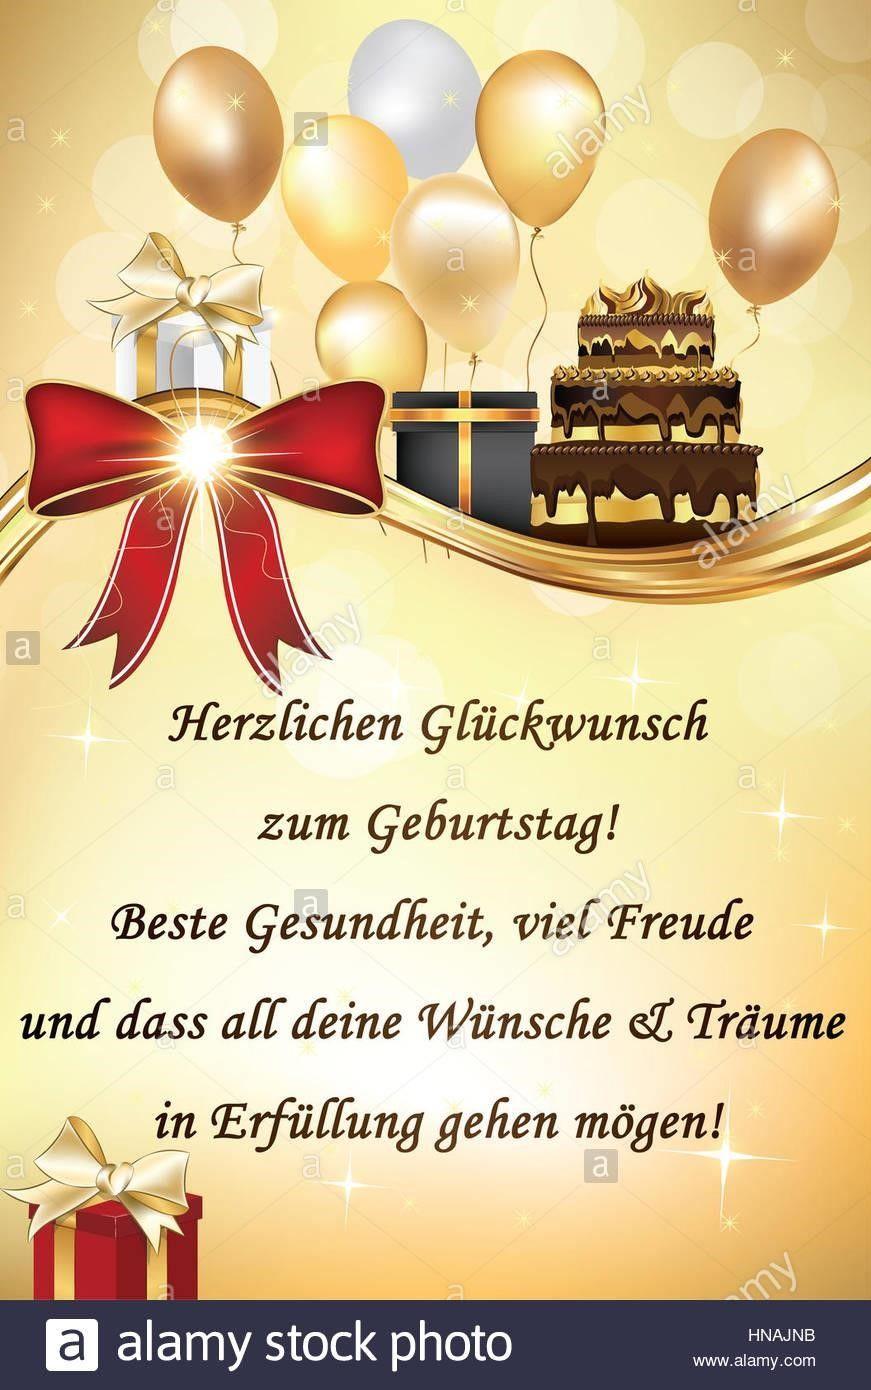 Zum Geburtstag Bilder Geburtstag Zumgeburtstagbilder